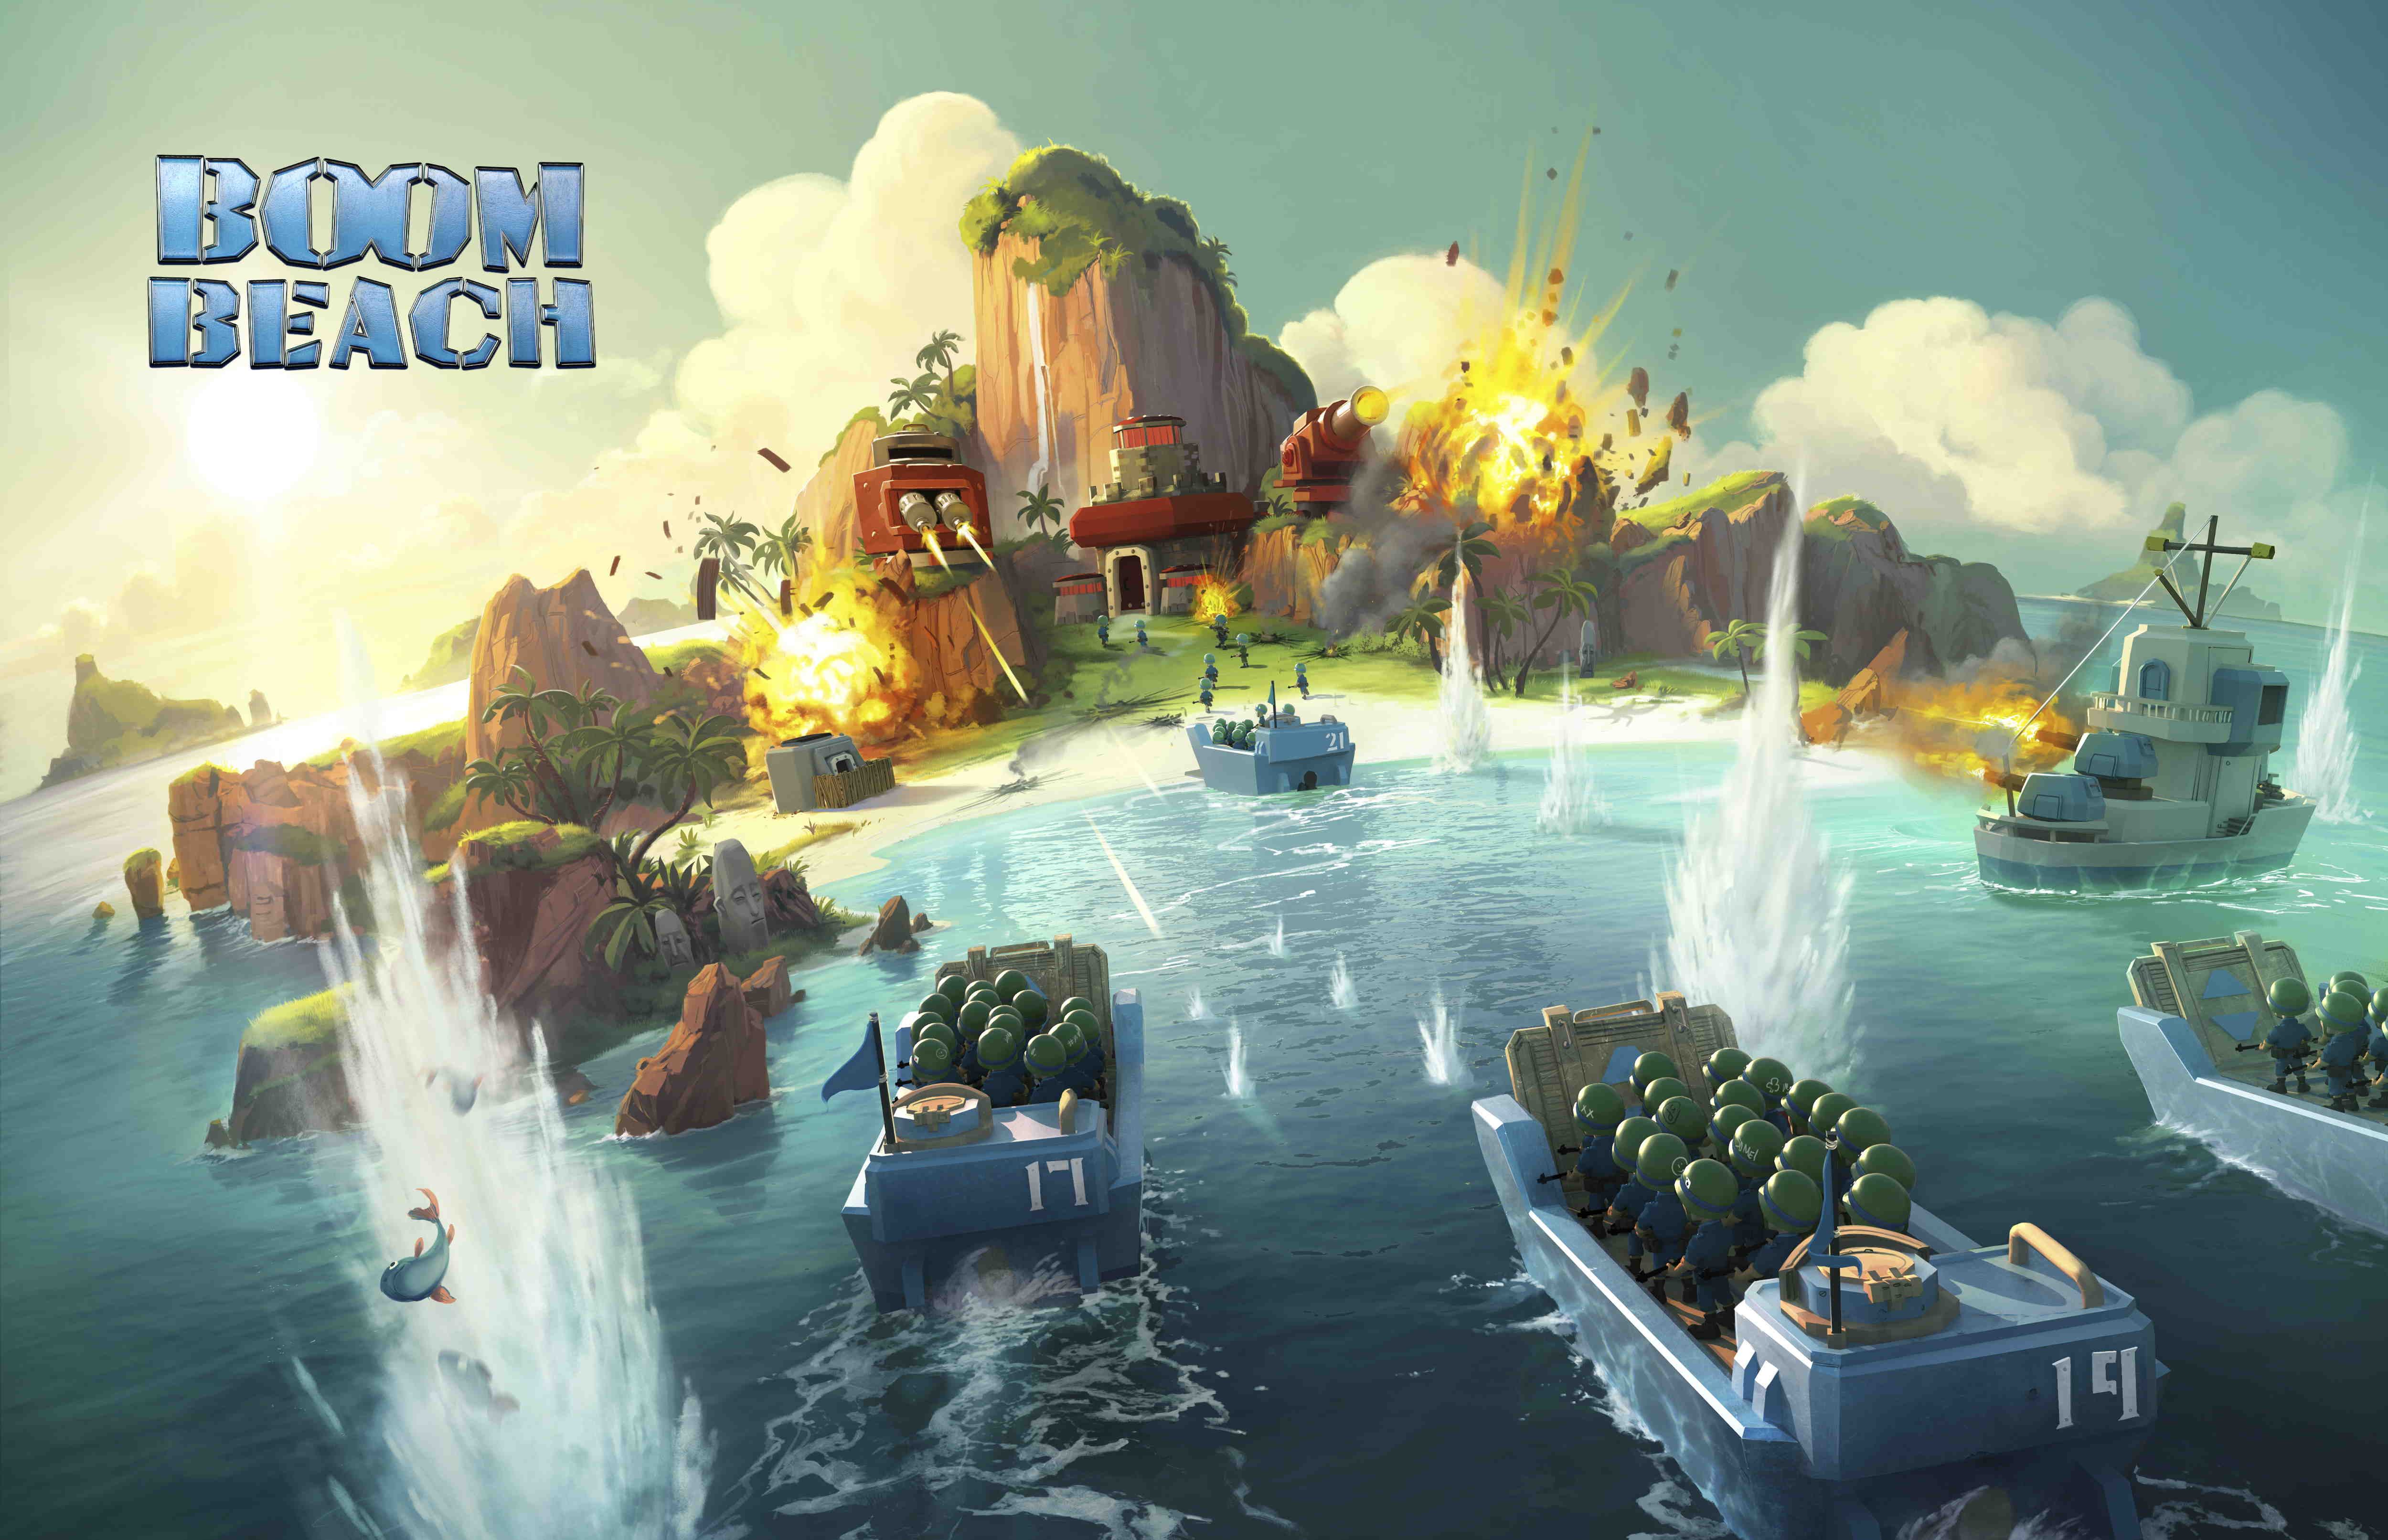 BoomBeach01